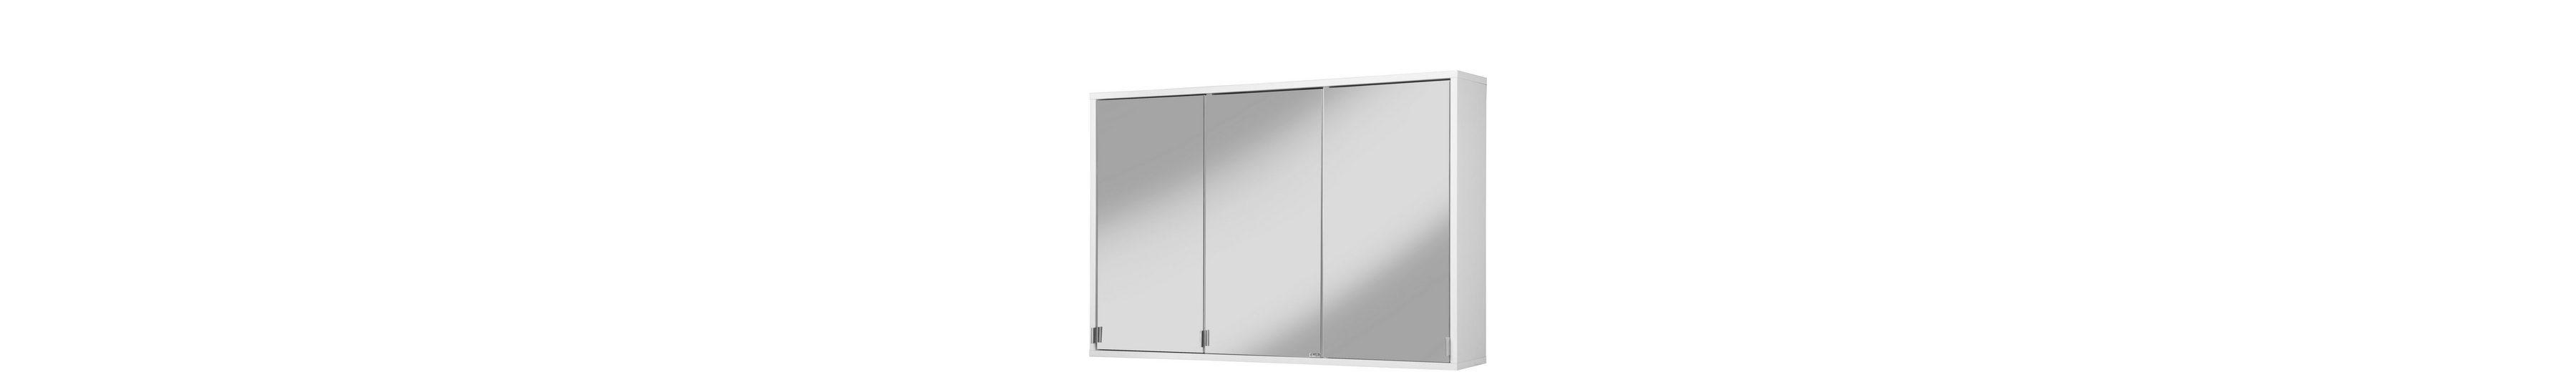 Spiegelschrank »Retro«, Breite 100 cm